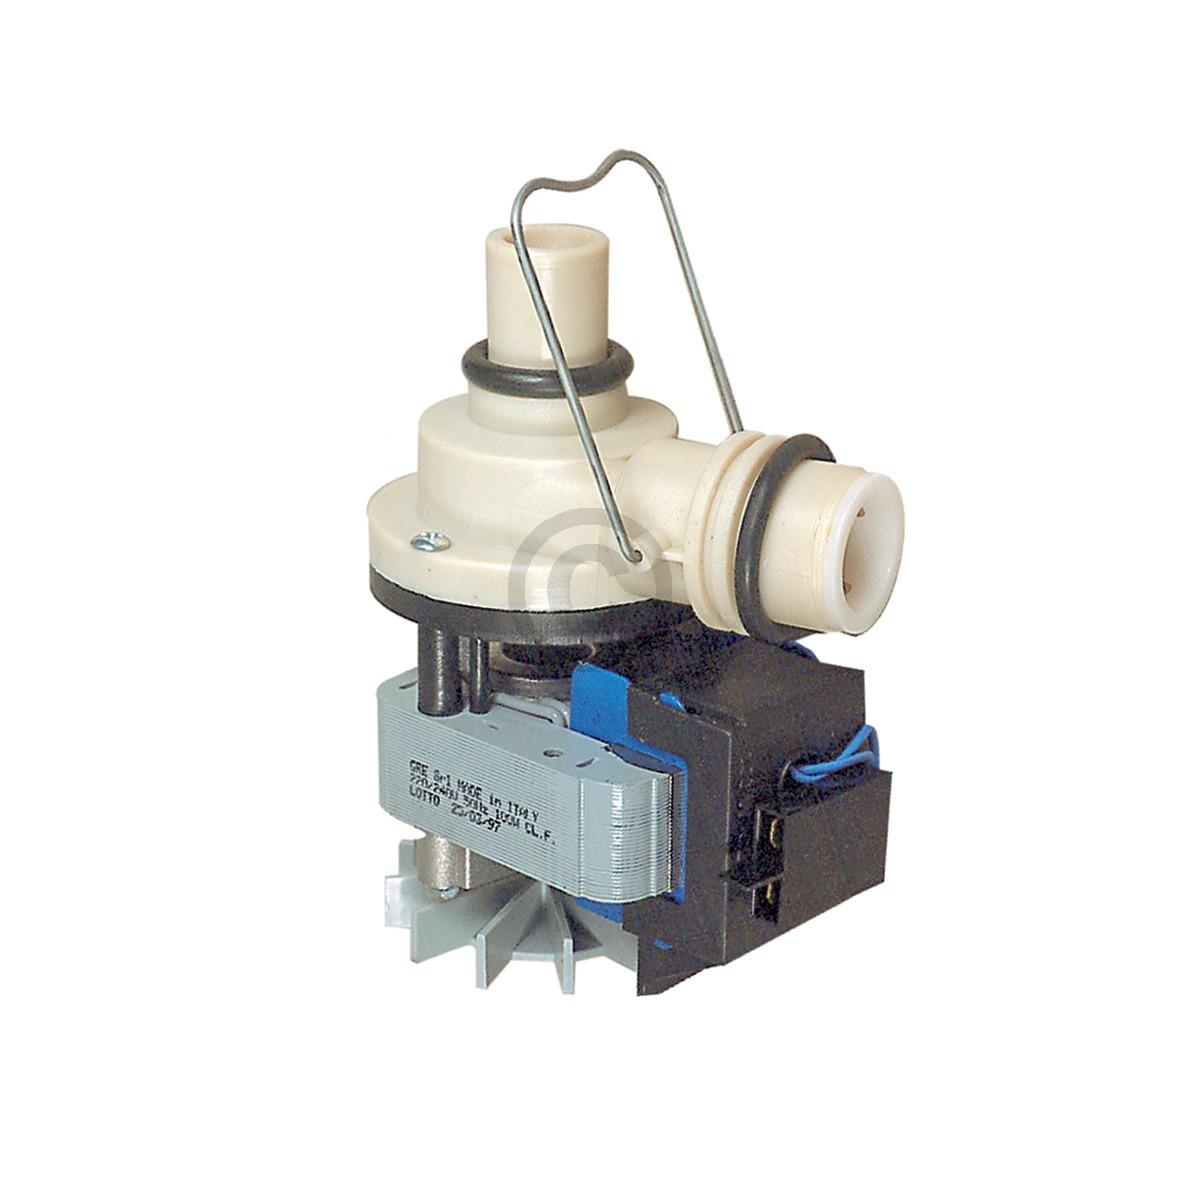 Ablaufpumpe mit Pumpenstutzen, AT! VG! 00140176 140176 Bosch, Siemens, Neff